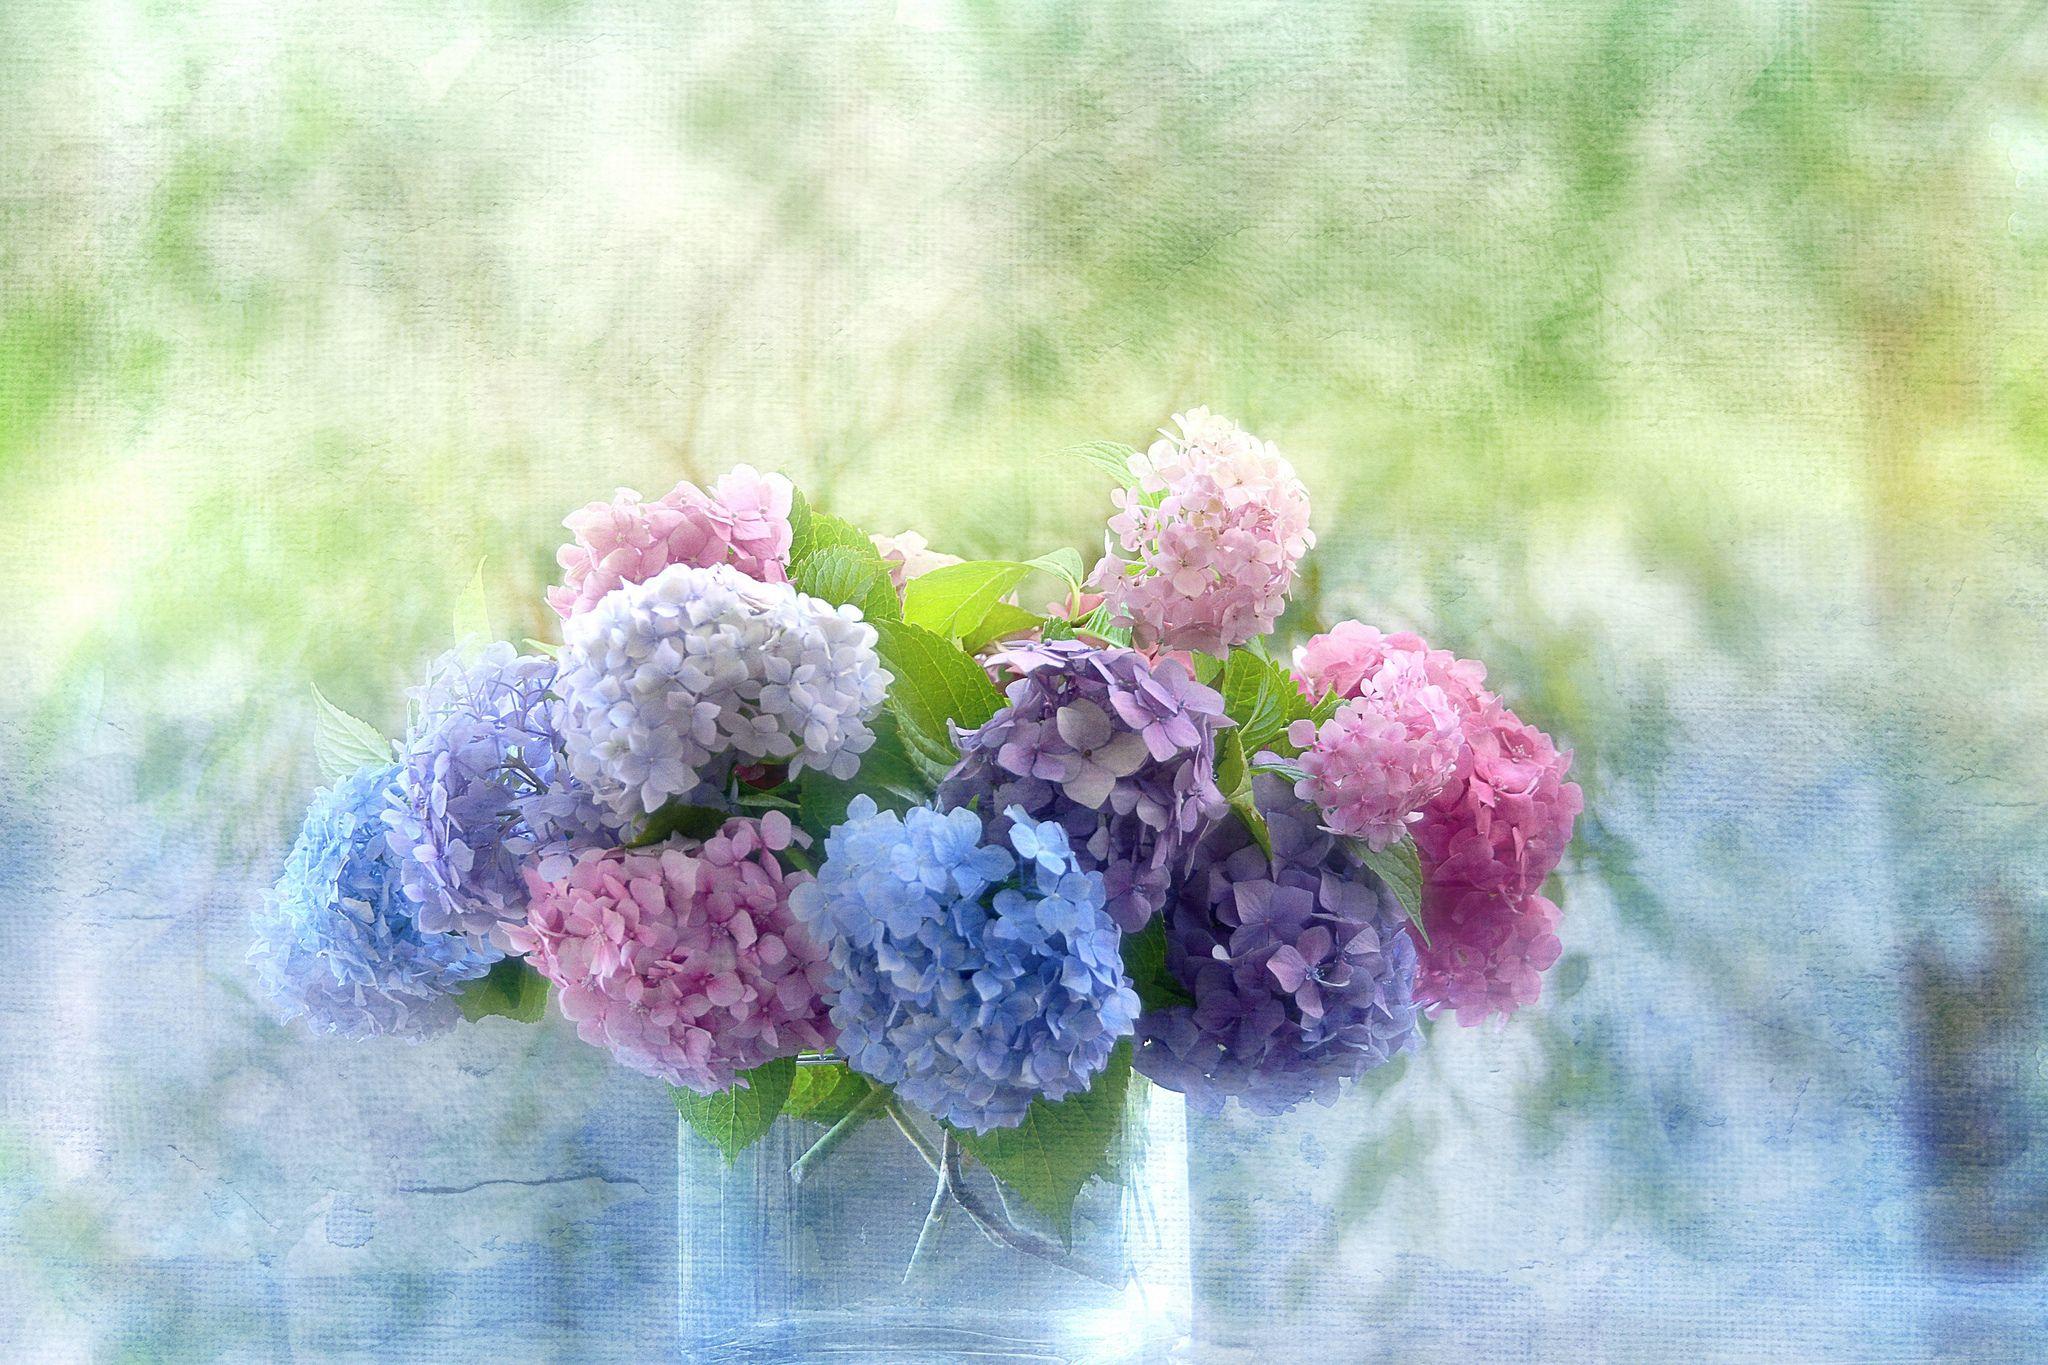 V Sadu Krasivye Cvety Gortenziya 5109543 3420x2280 10 Walls Beautiful Flowers Wallpapers Beautiful Flowers Hydrangea Wallpaper